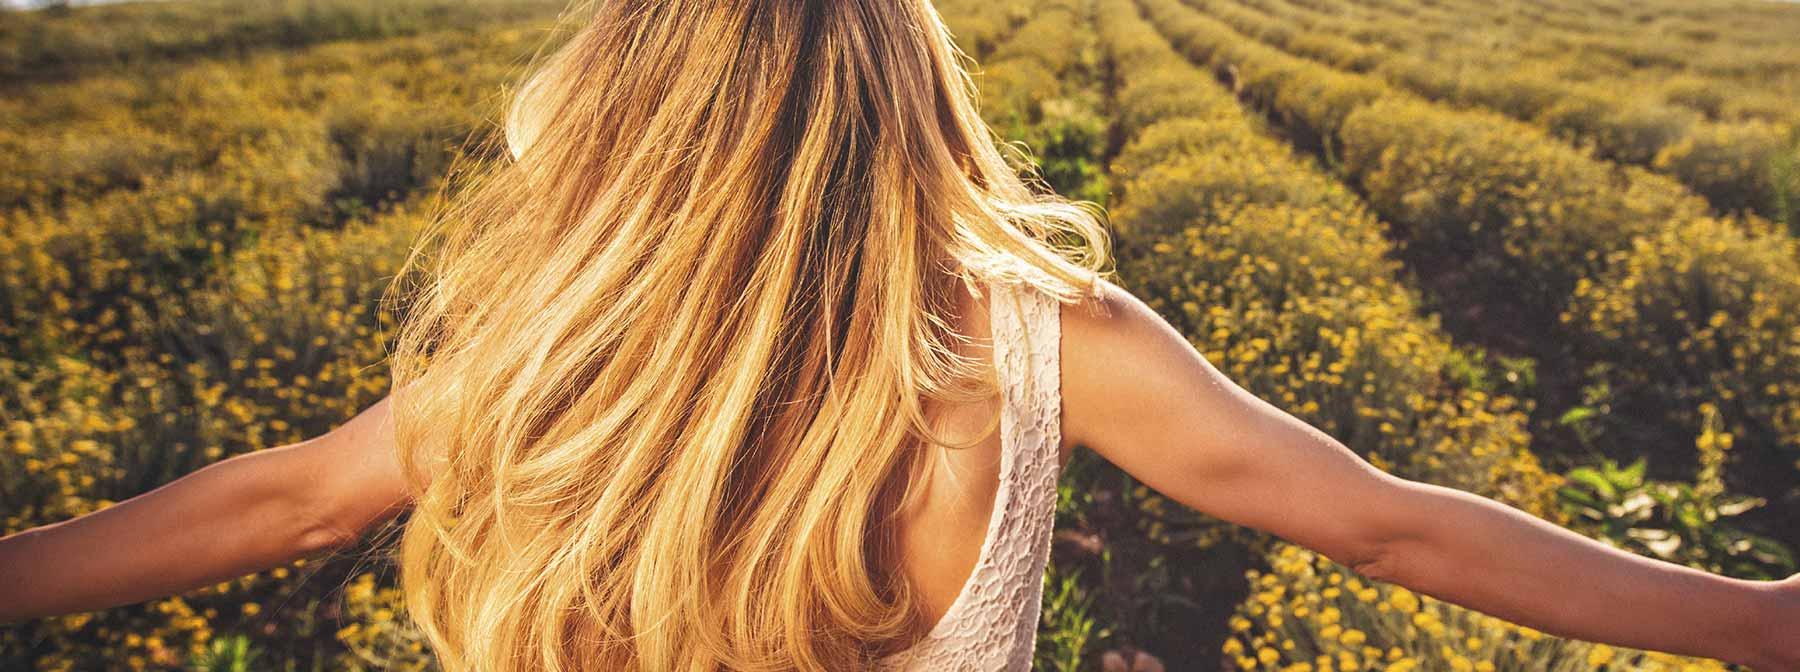 Die besten Produkte für blonde Haare